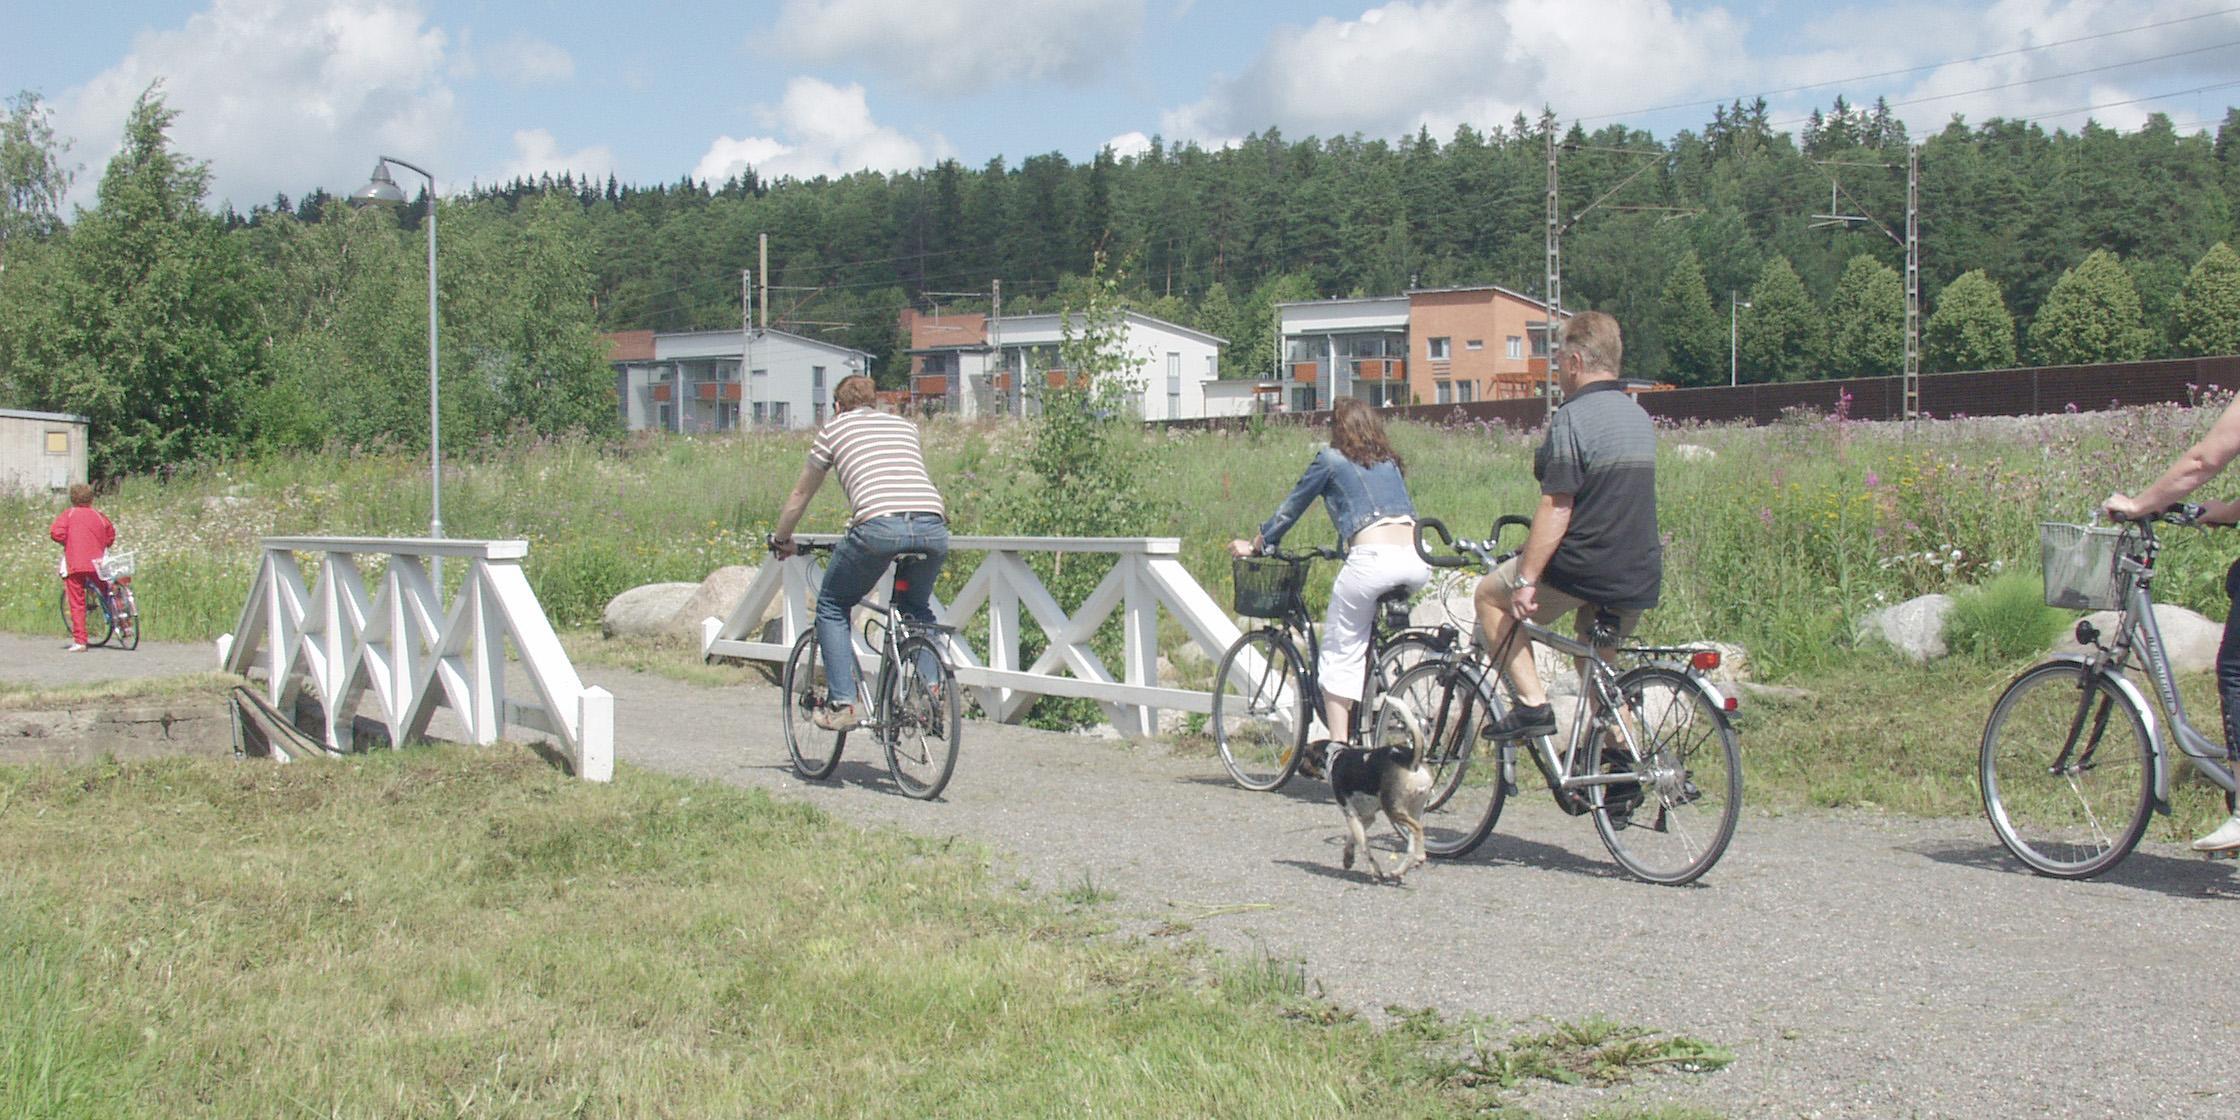 Pyöräilijöitä vihreässä lähiluontoympäristössä, rakennetulla reitillä. Yhdellä pyöräilijällä myös koira mukana.